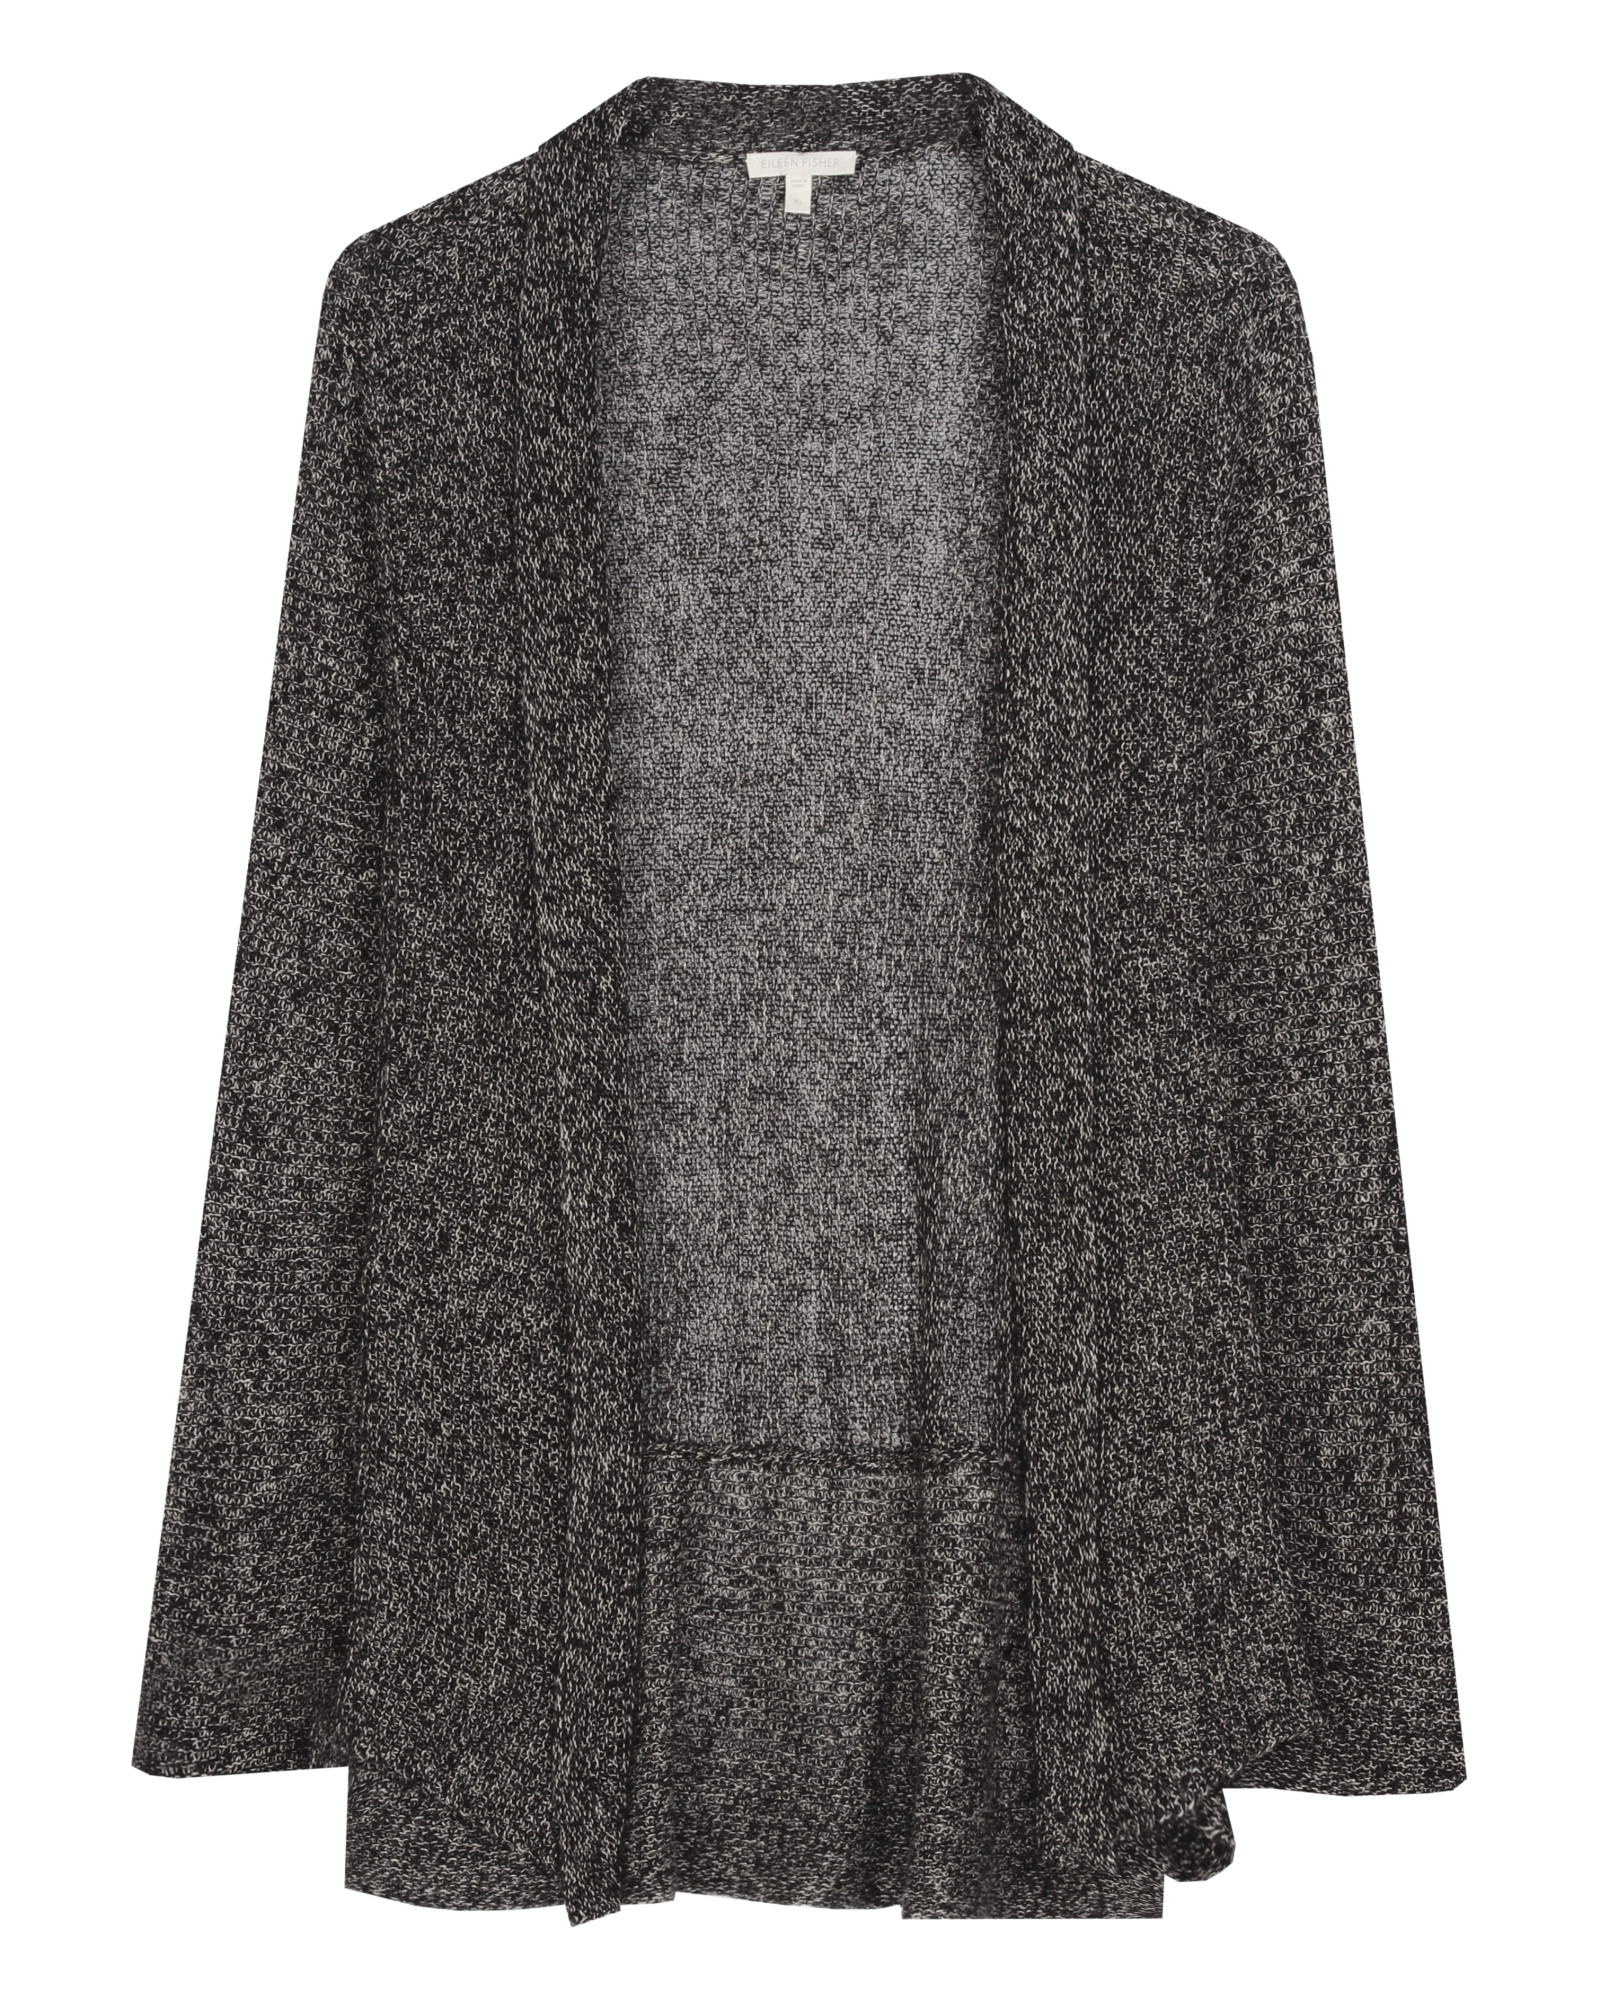 Multi-Tonal Mesh [Multi-Tonal Linen] Cardigan